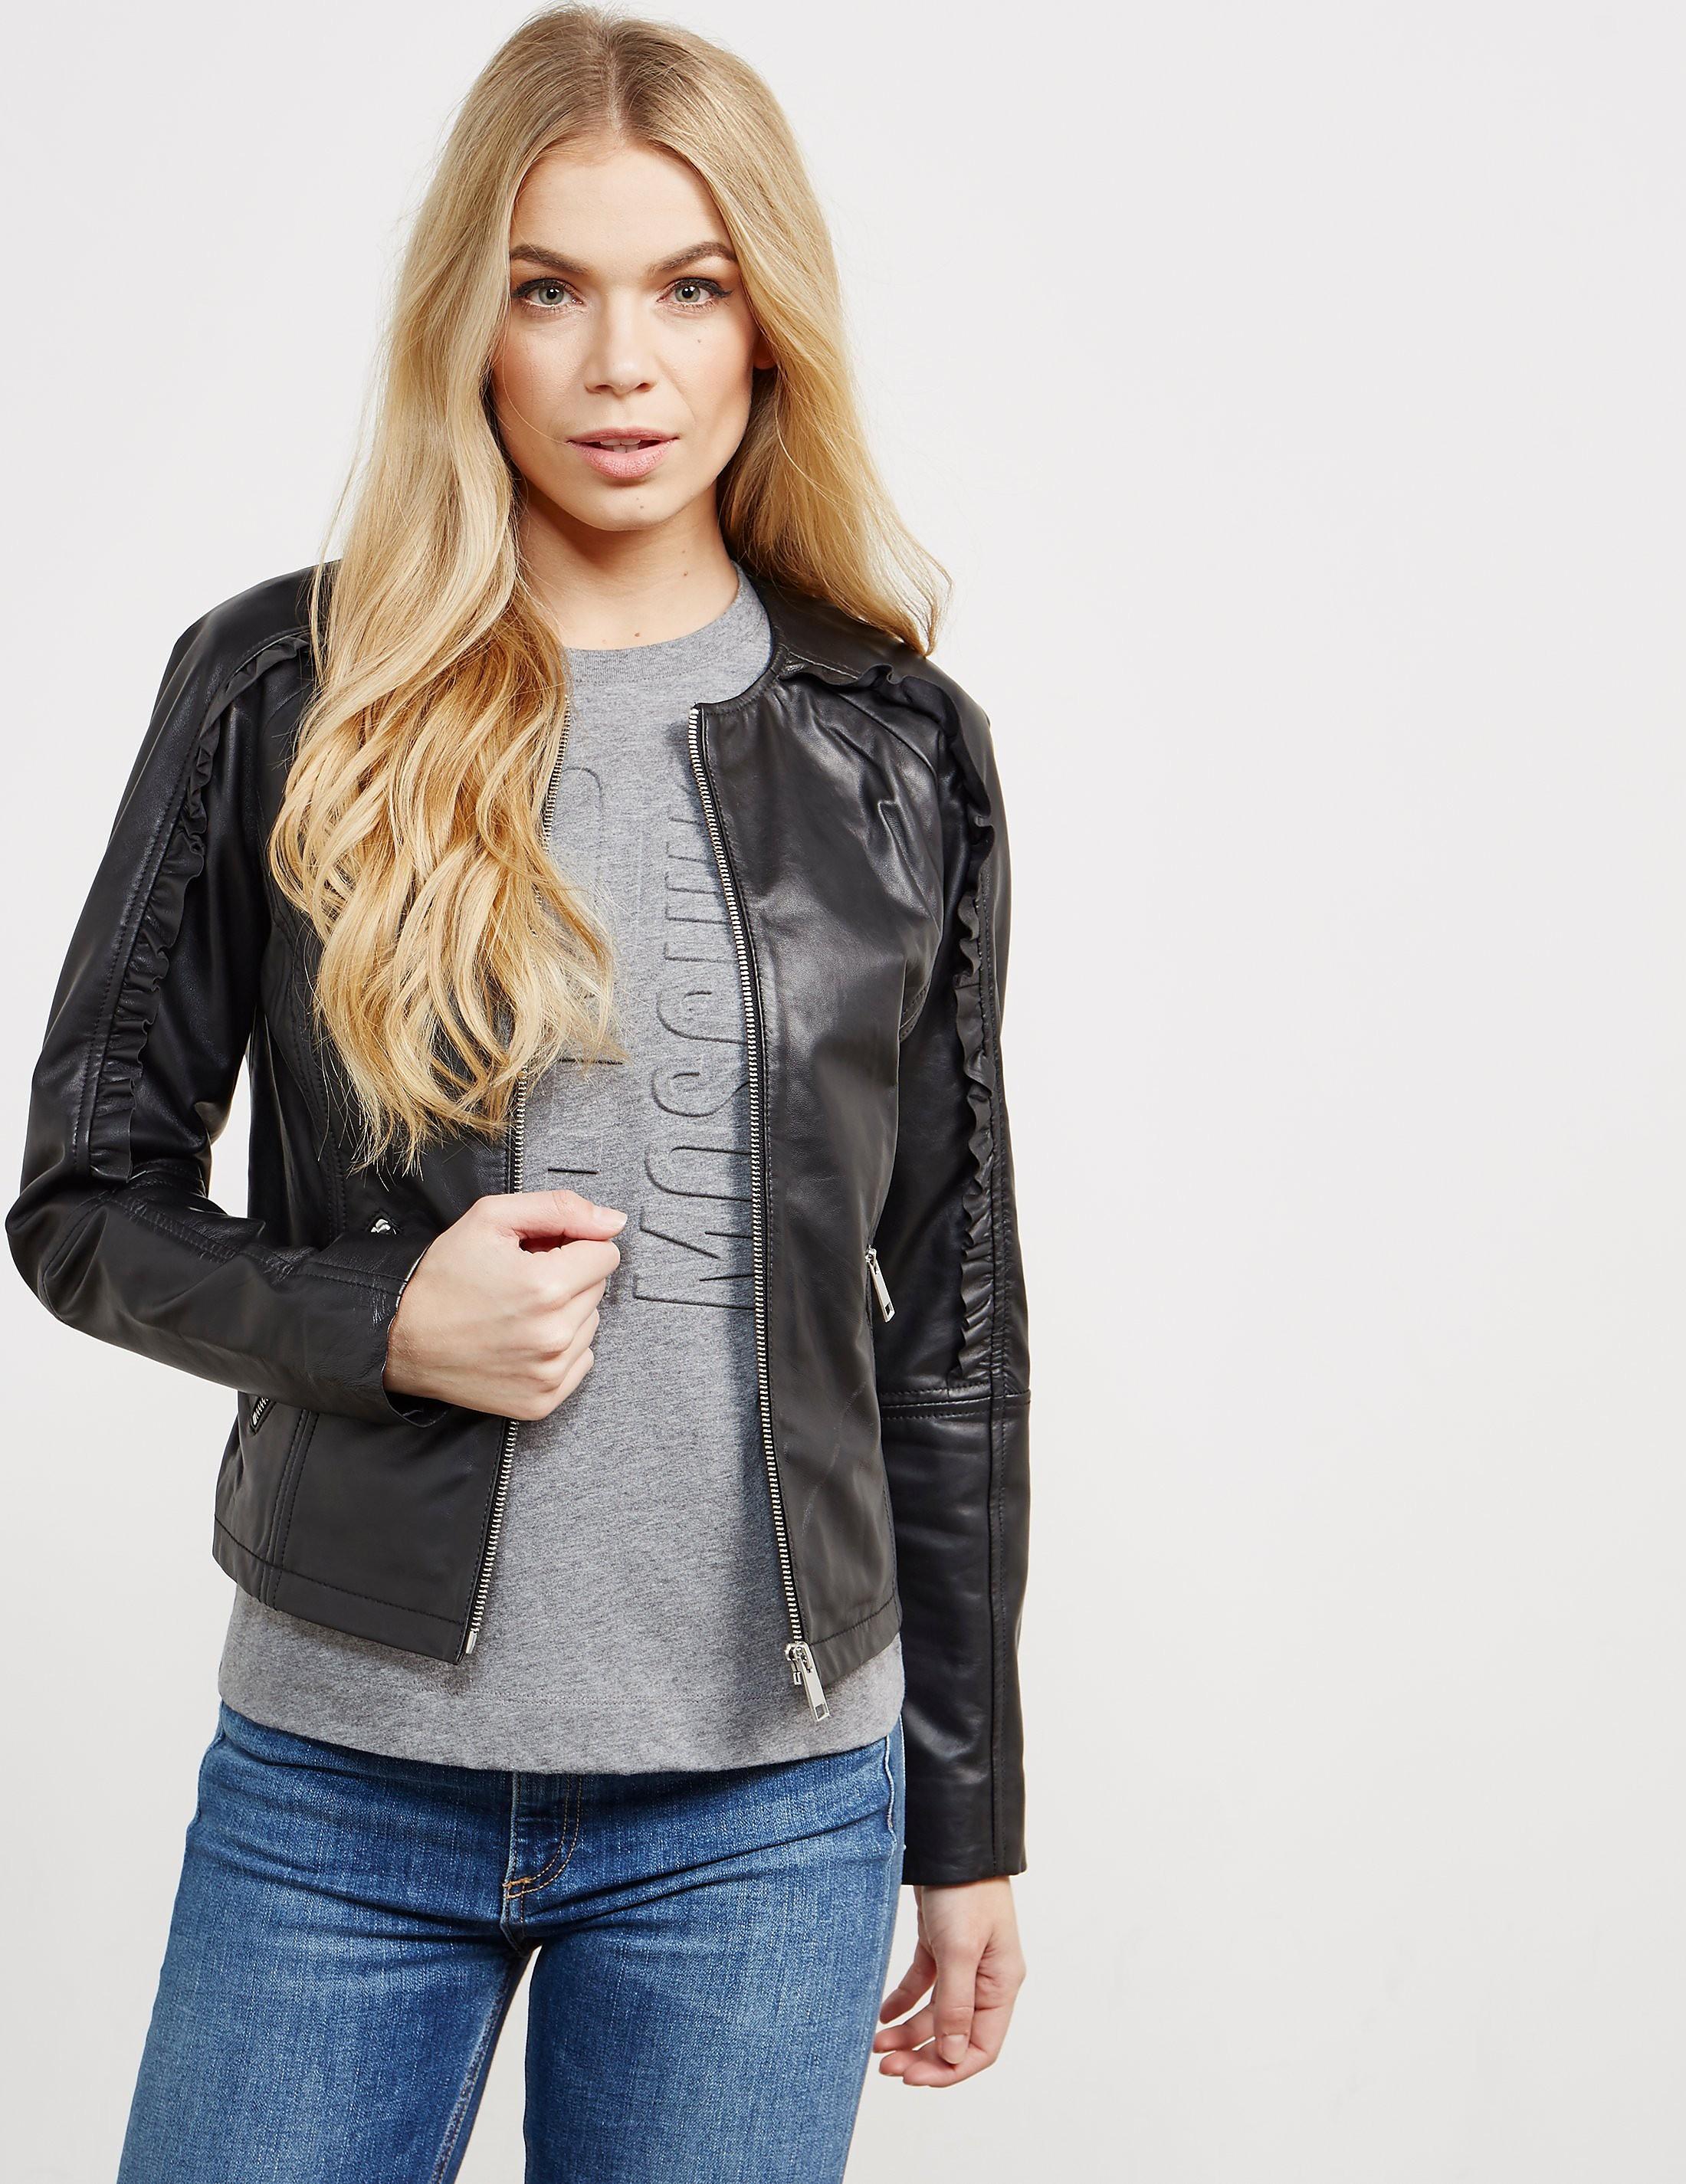 Rino & Pelle Ruffle Leather Jacket